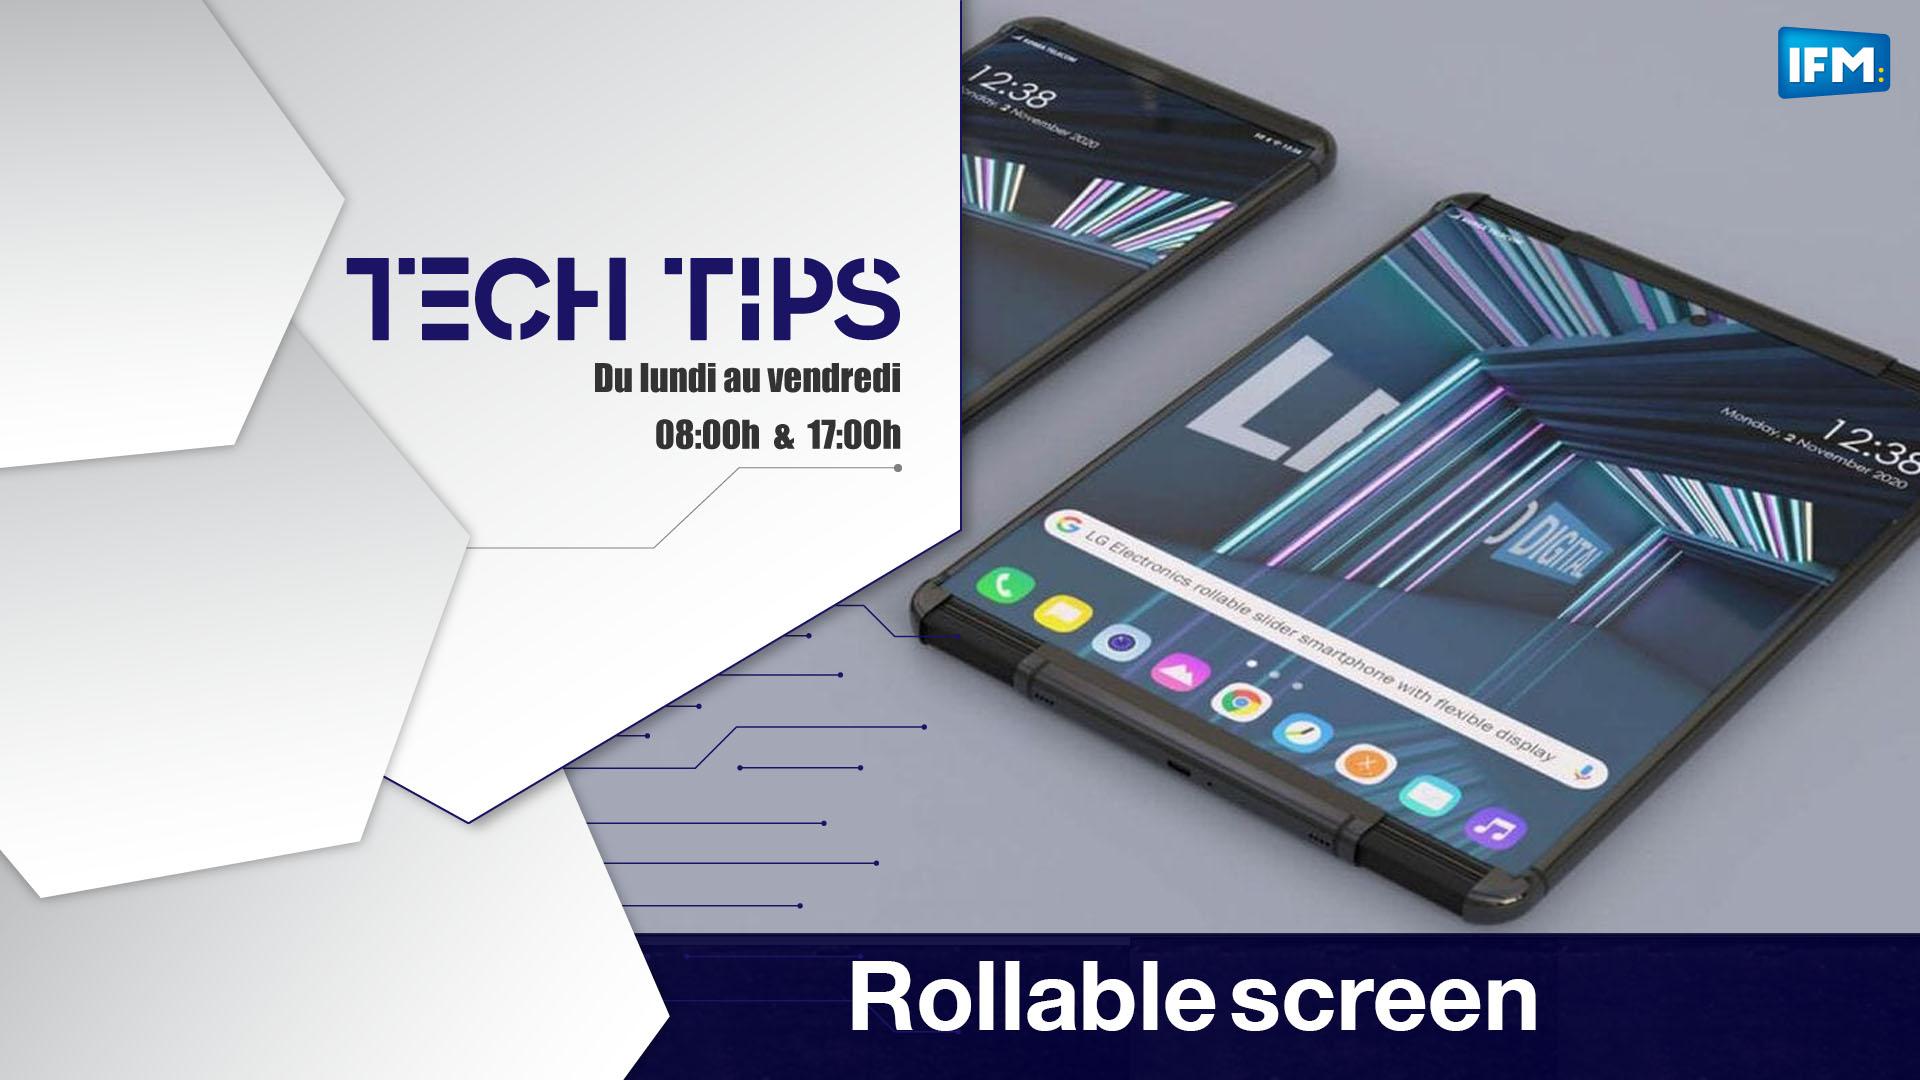 Tech Tips Tech Tips : Ces téléphones dont l'écran peut s'étirer!